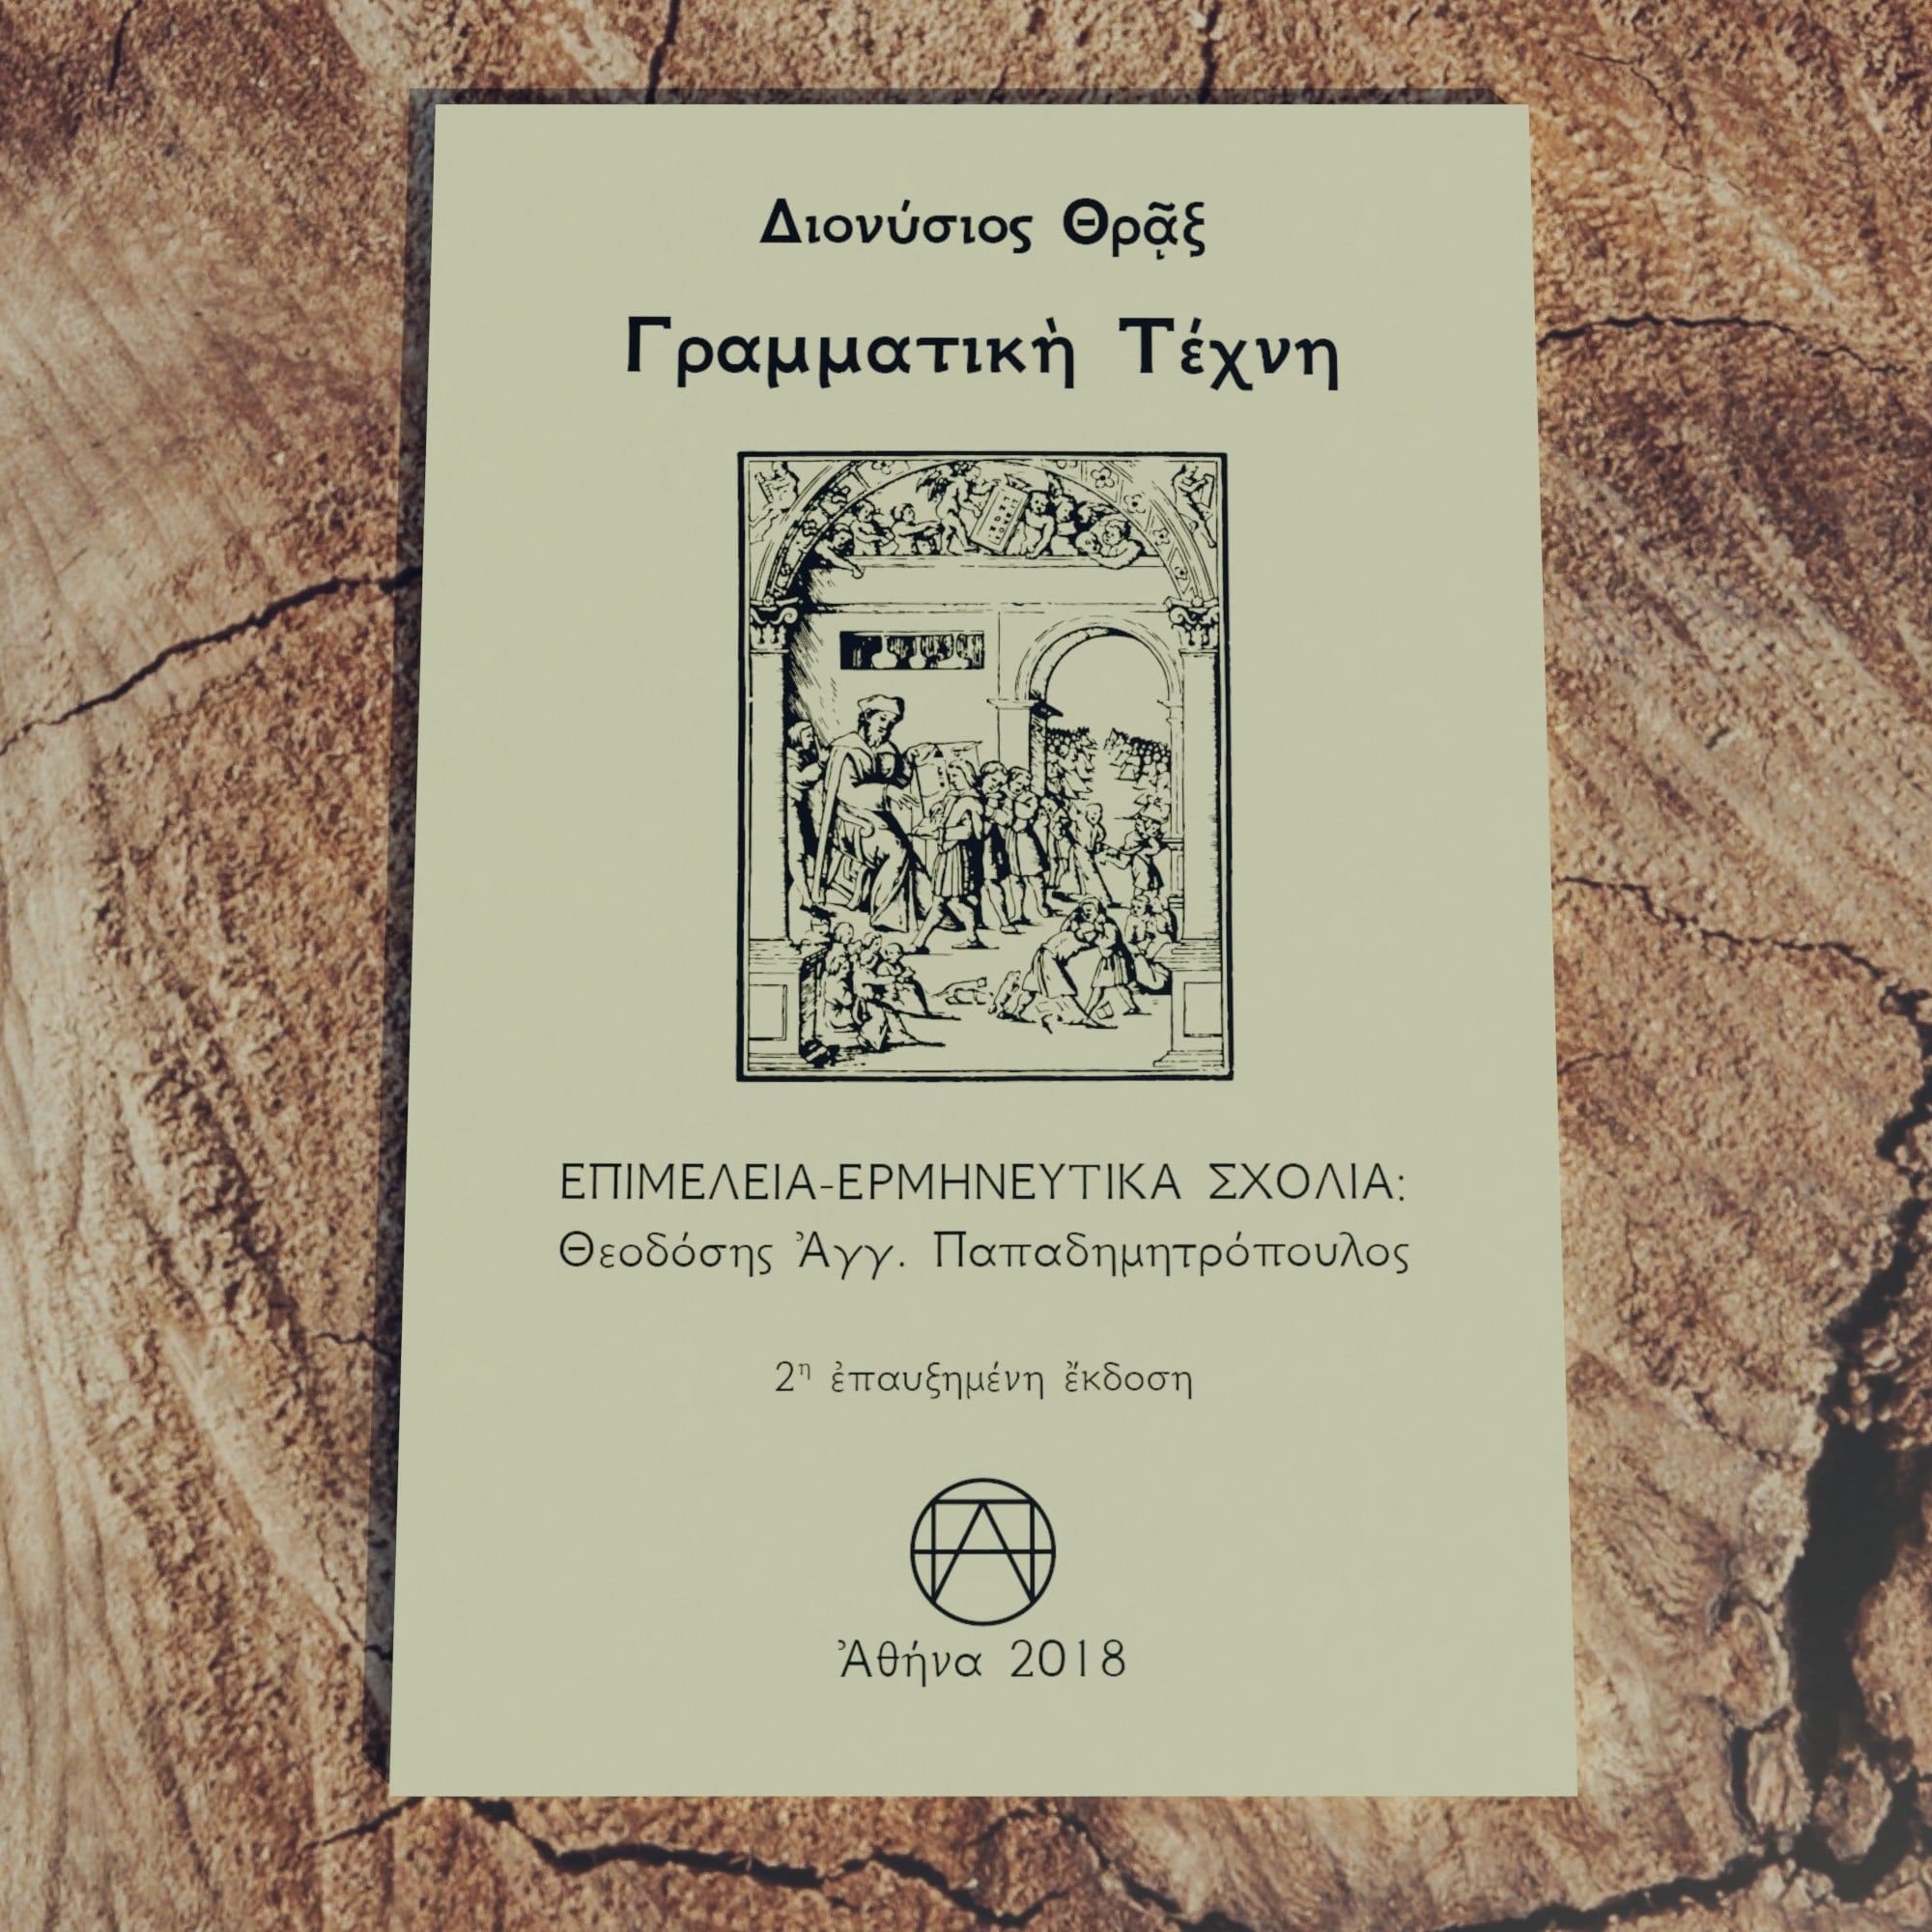 διονύσιος-θράξ-γραμματική-τέχνη-θεοδόσης-αγγ-παπαδημητρόπουλος